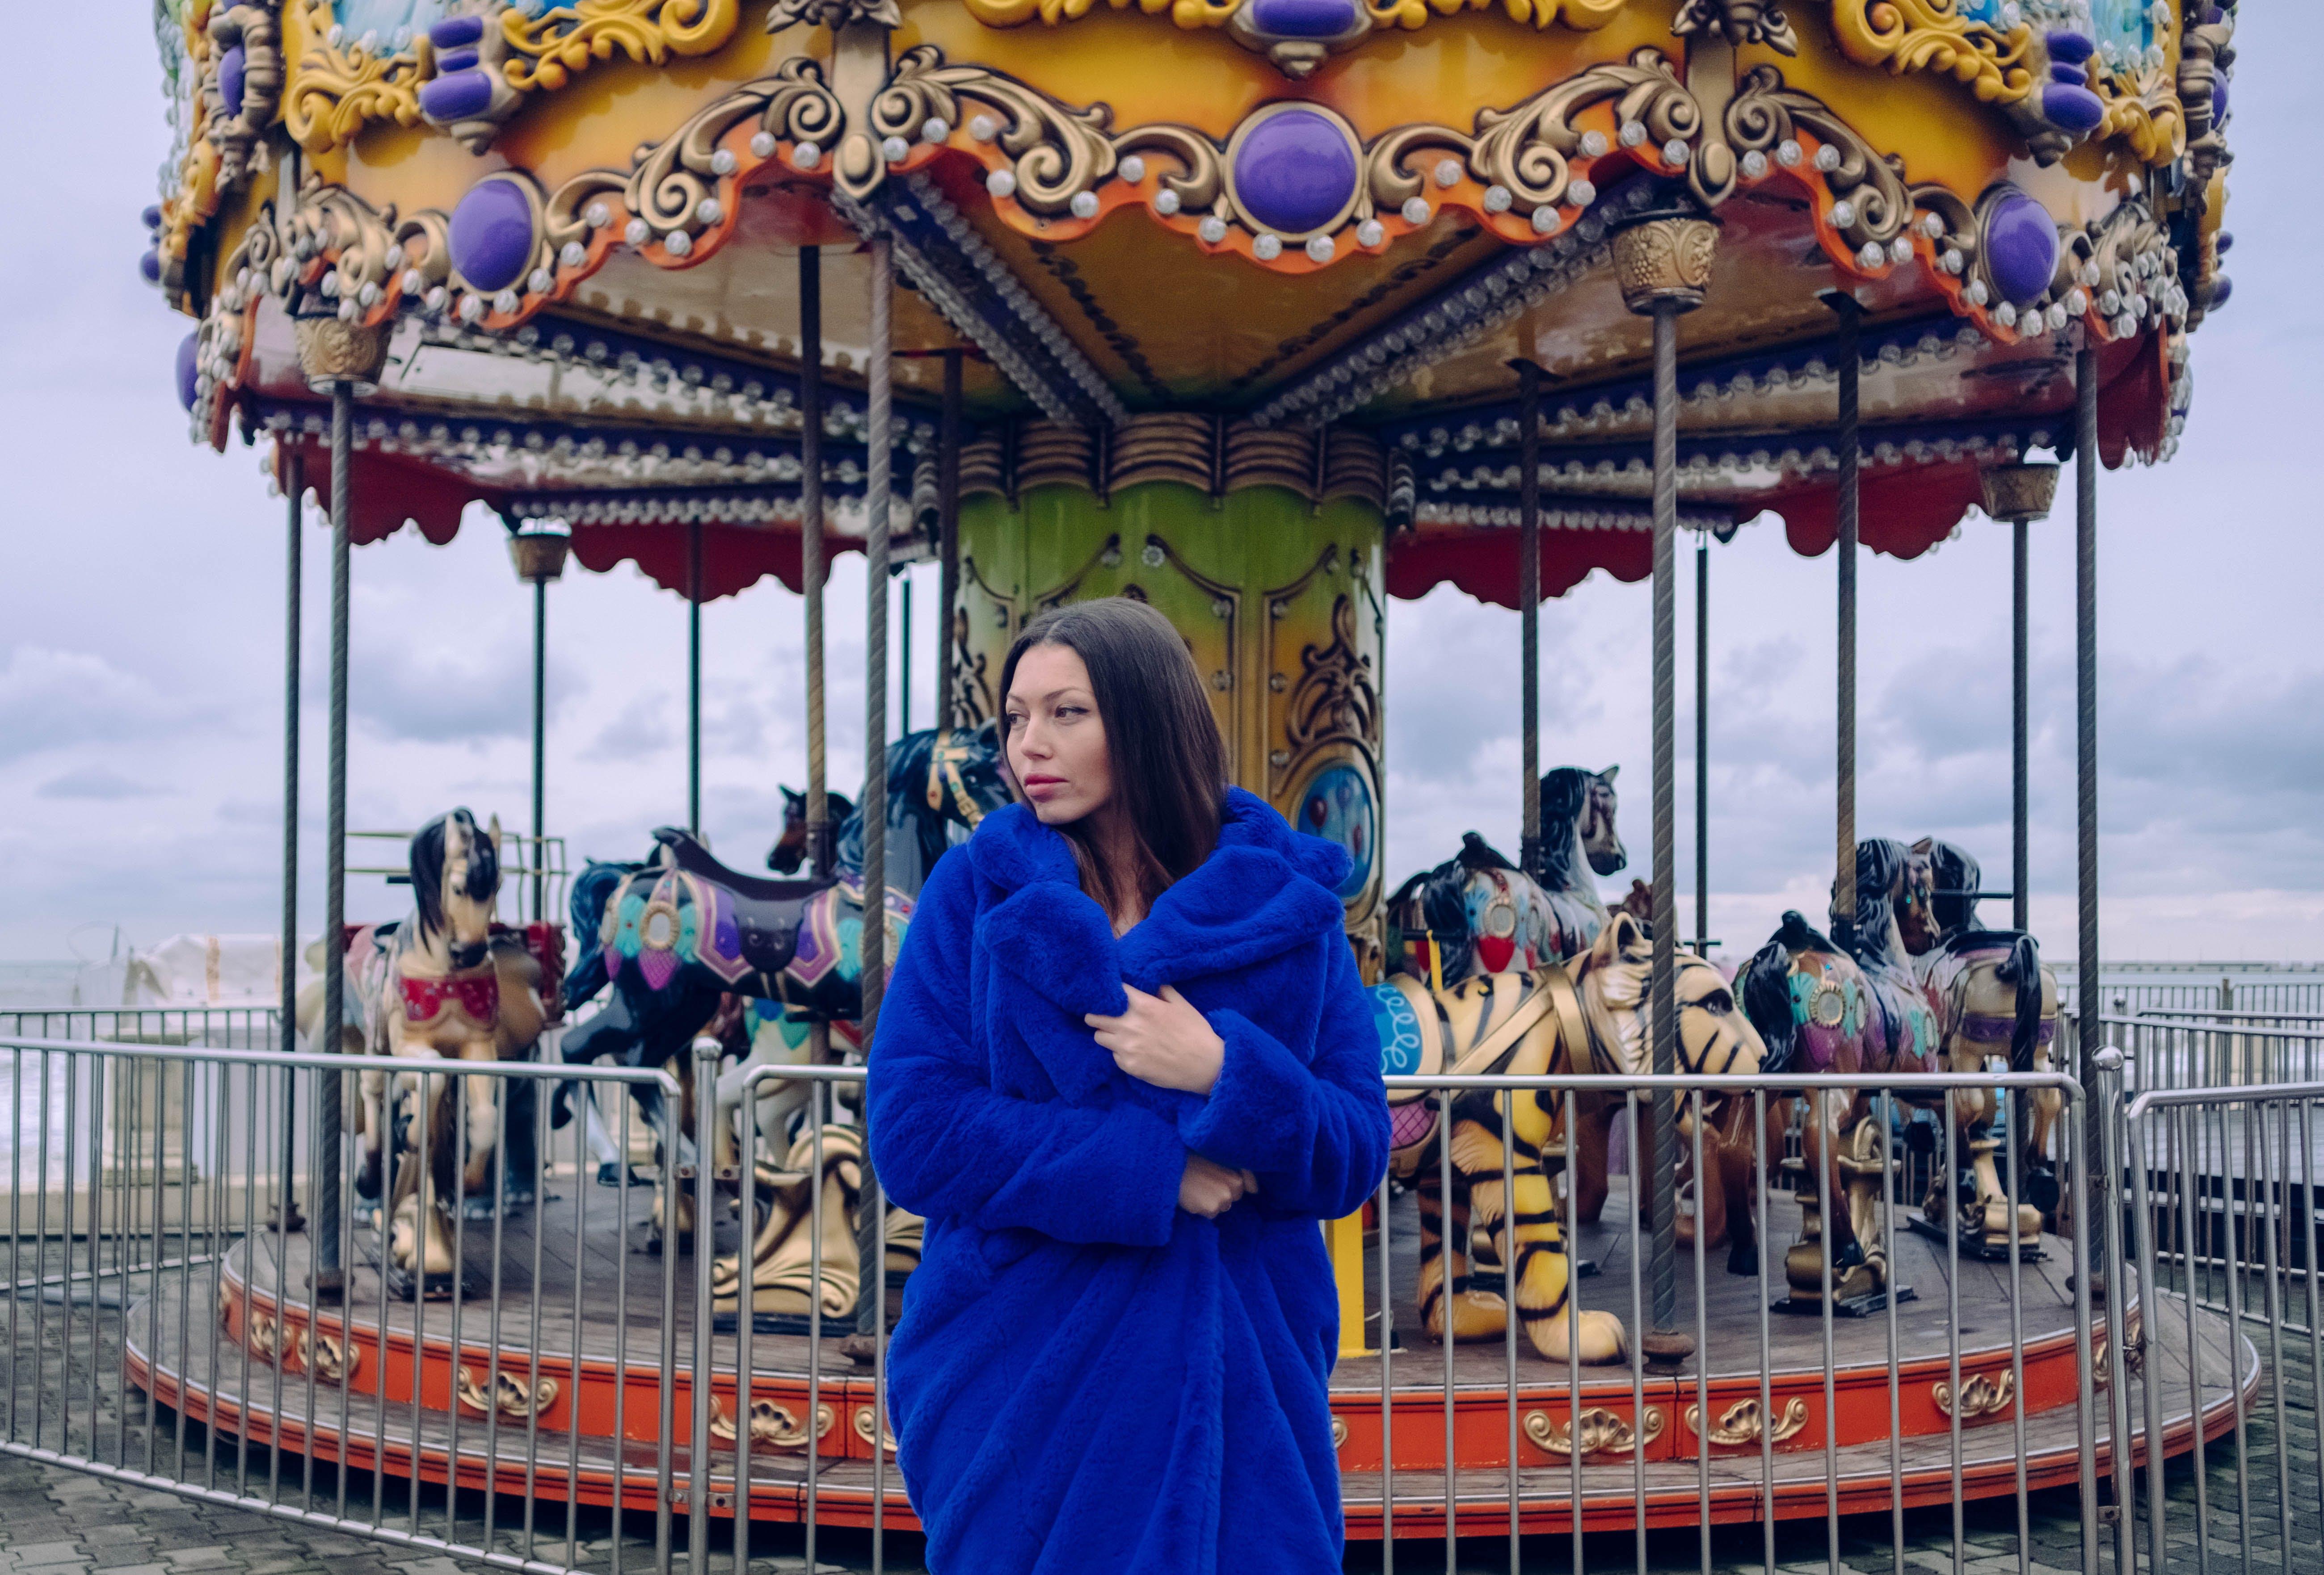 Foto stok gratis bagus, fashion, karnaval, kaum wanita